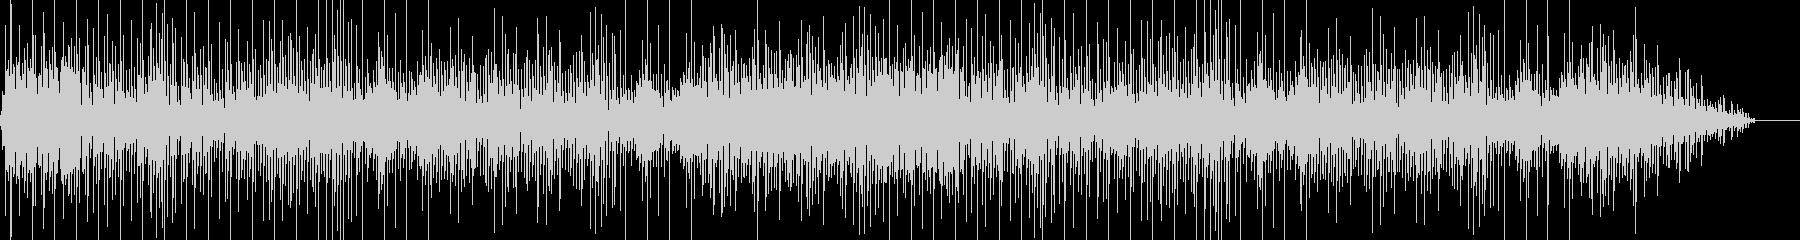 ゆったりした曲の未再生の波形